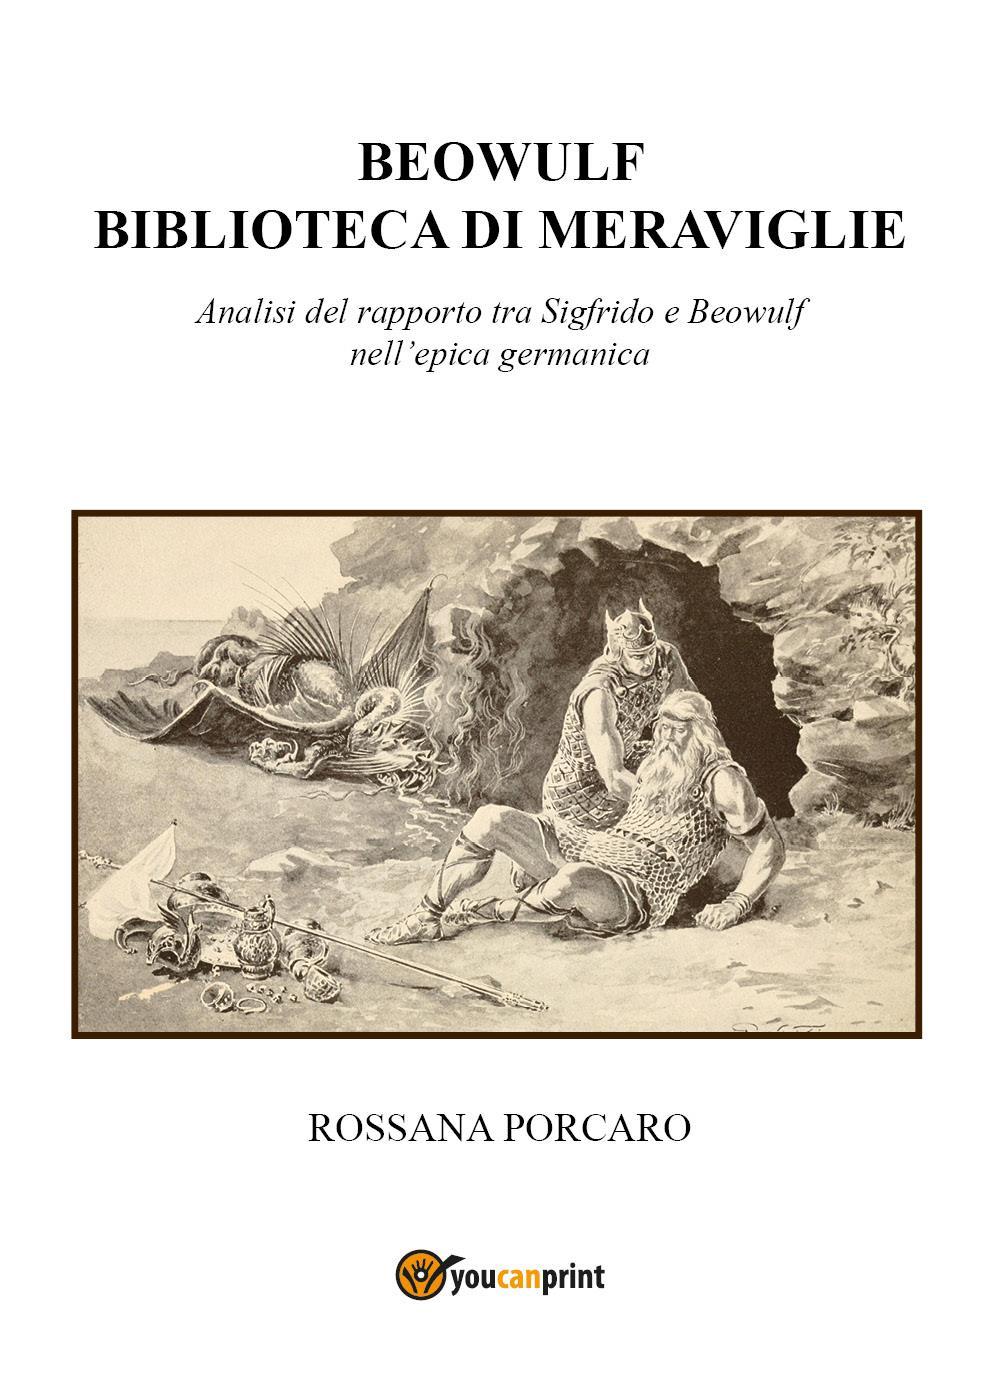 Beowulf biblioteca di meraviglie